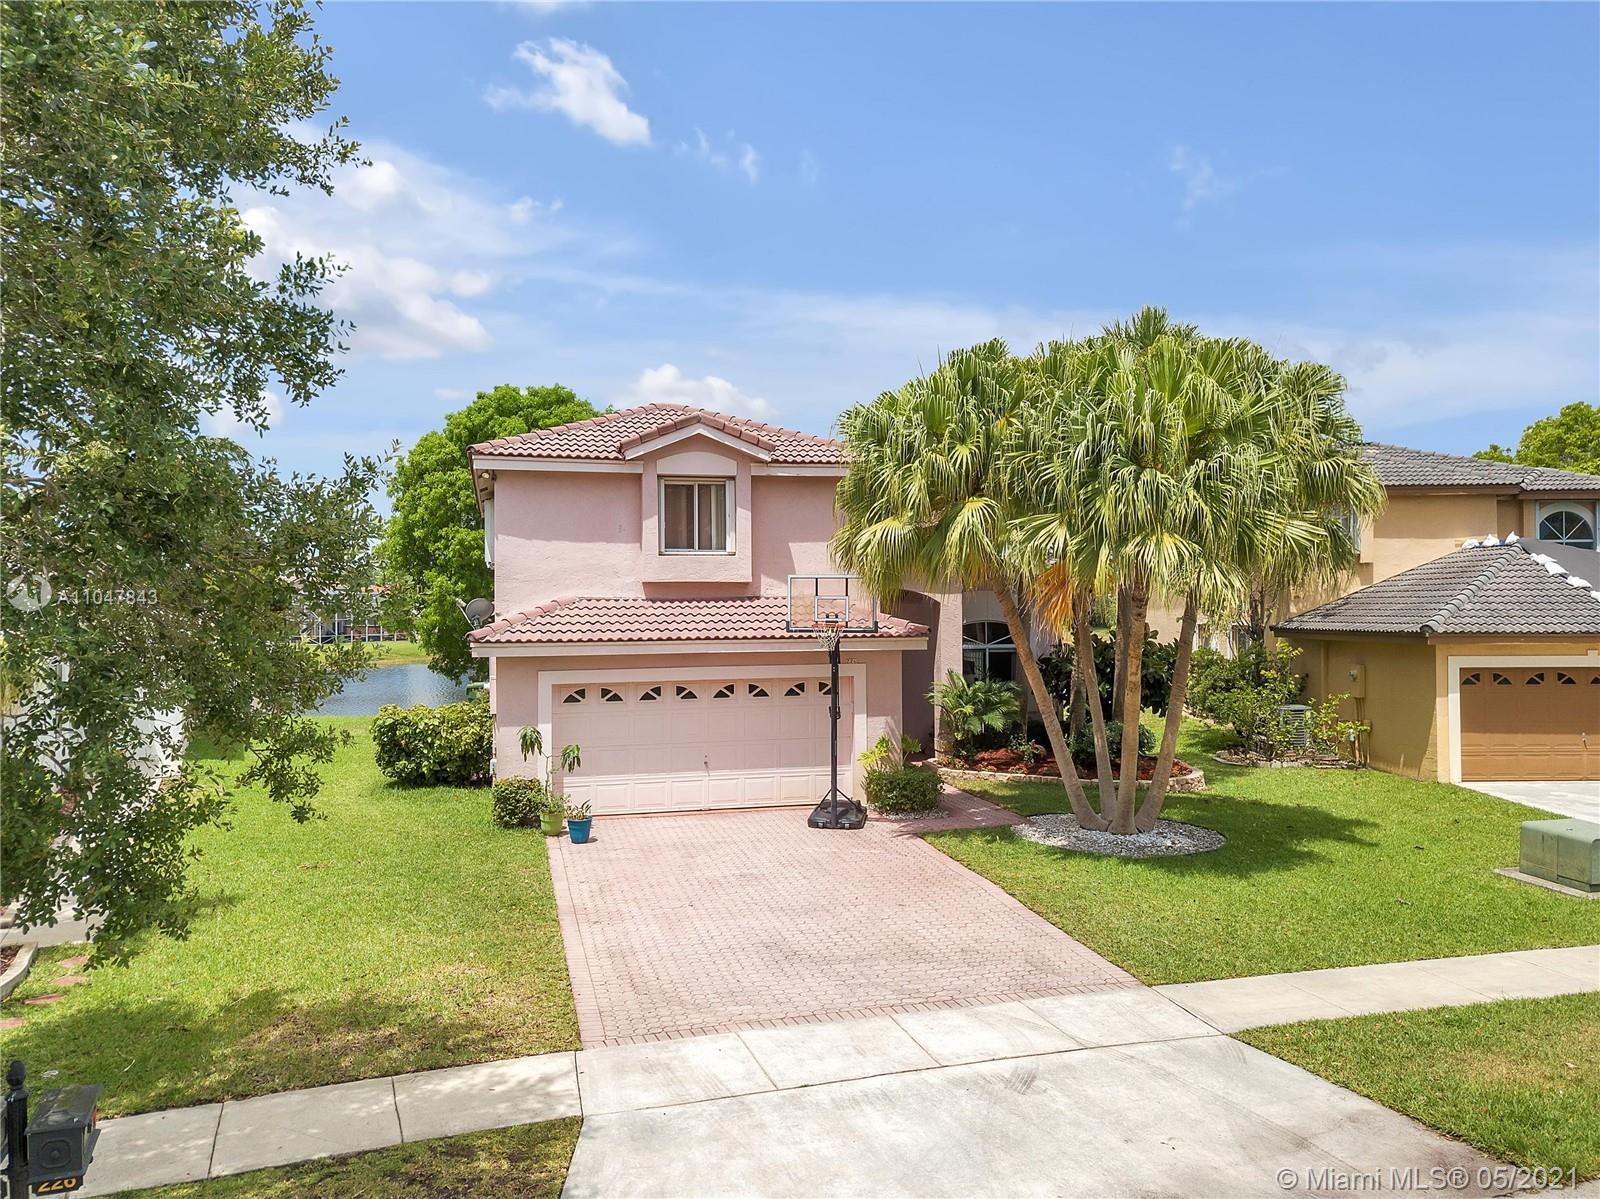 Silver Lakes - 226 SW 180th Ave, Pembroke Pines, FL 33029